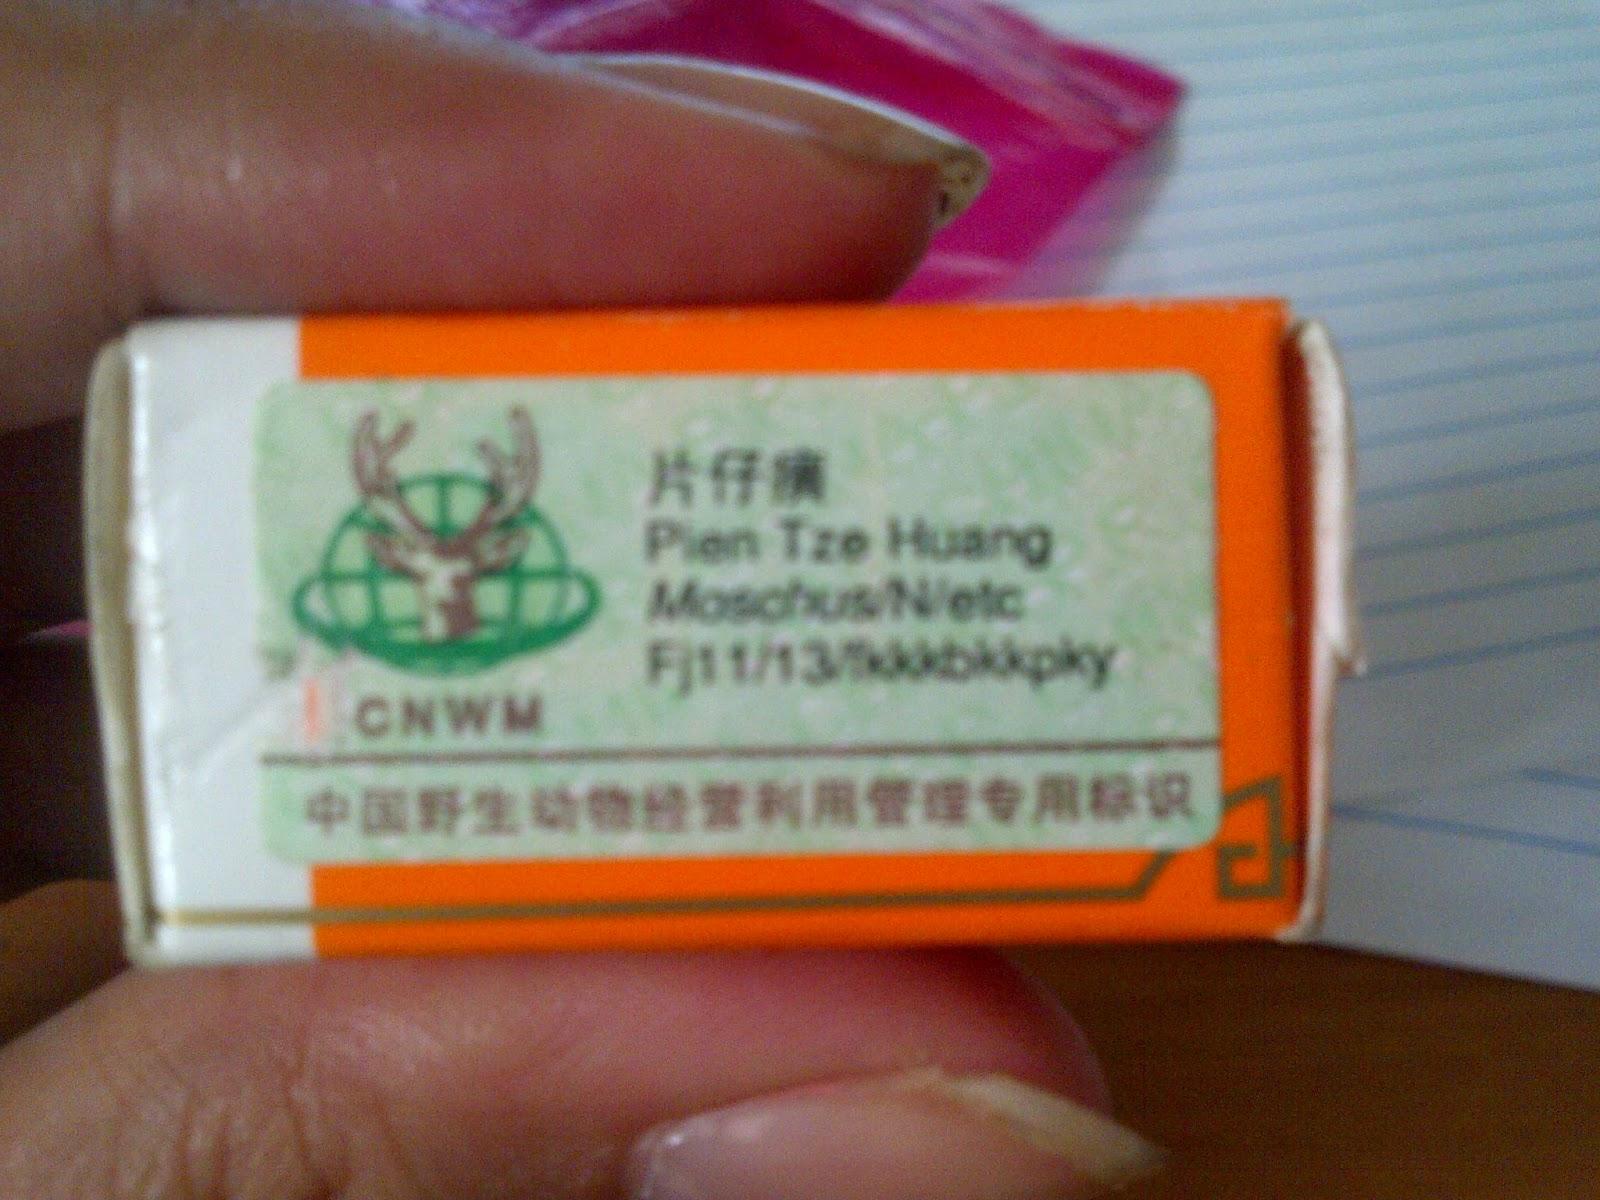 Jual Obat Pasca Operasi Pien Tze Huang Zhang Zhou Harga Rp 800000 Bisa Nego